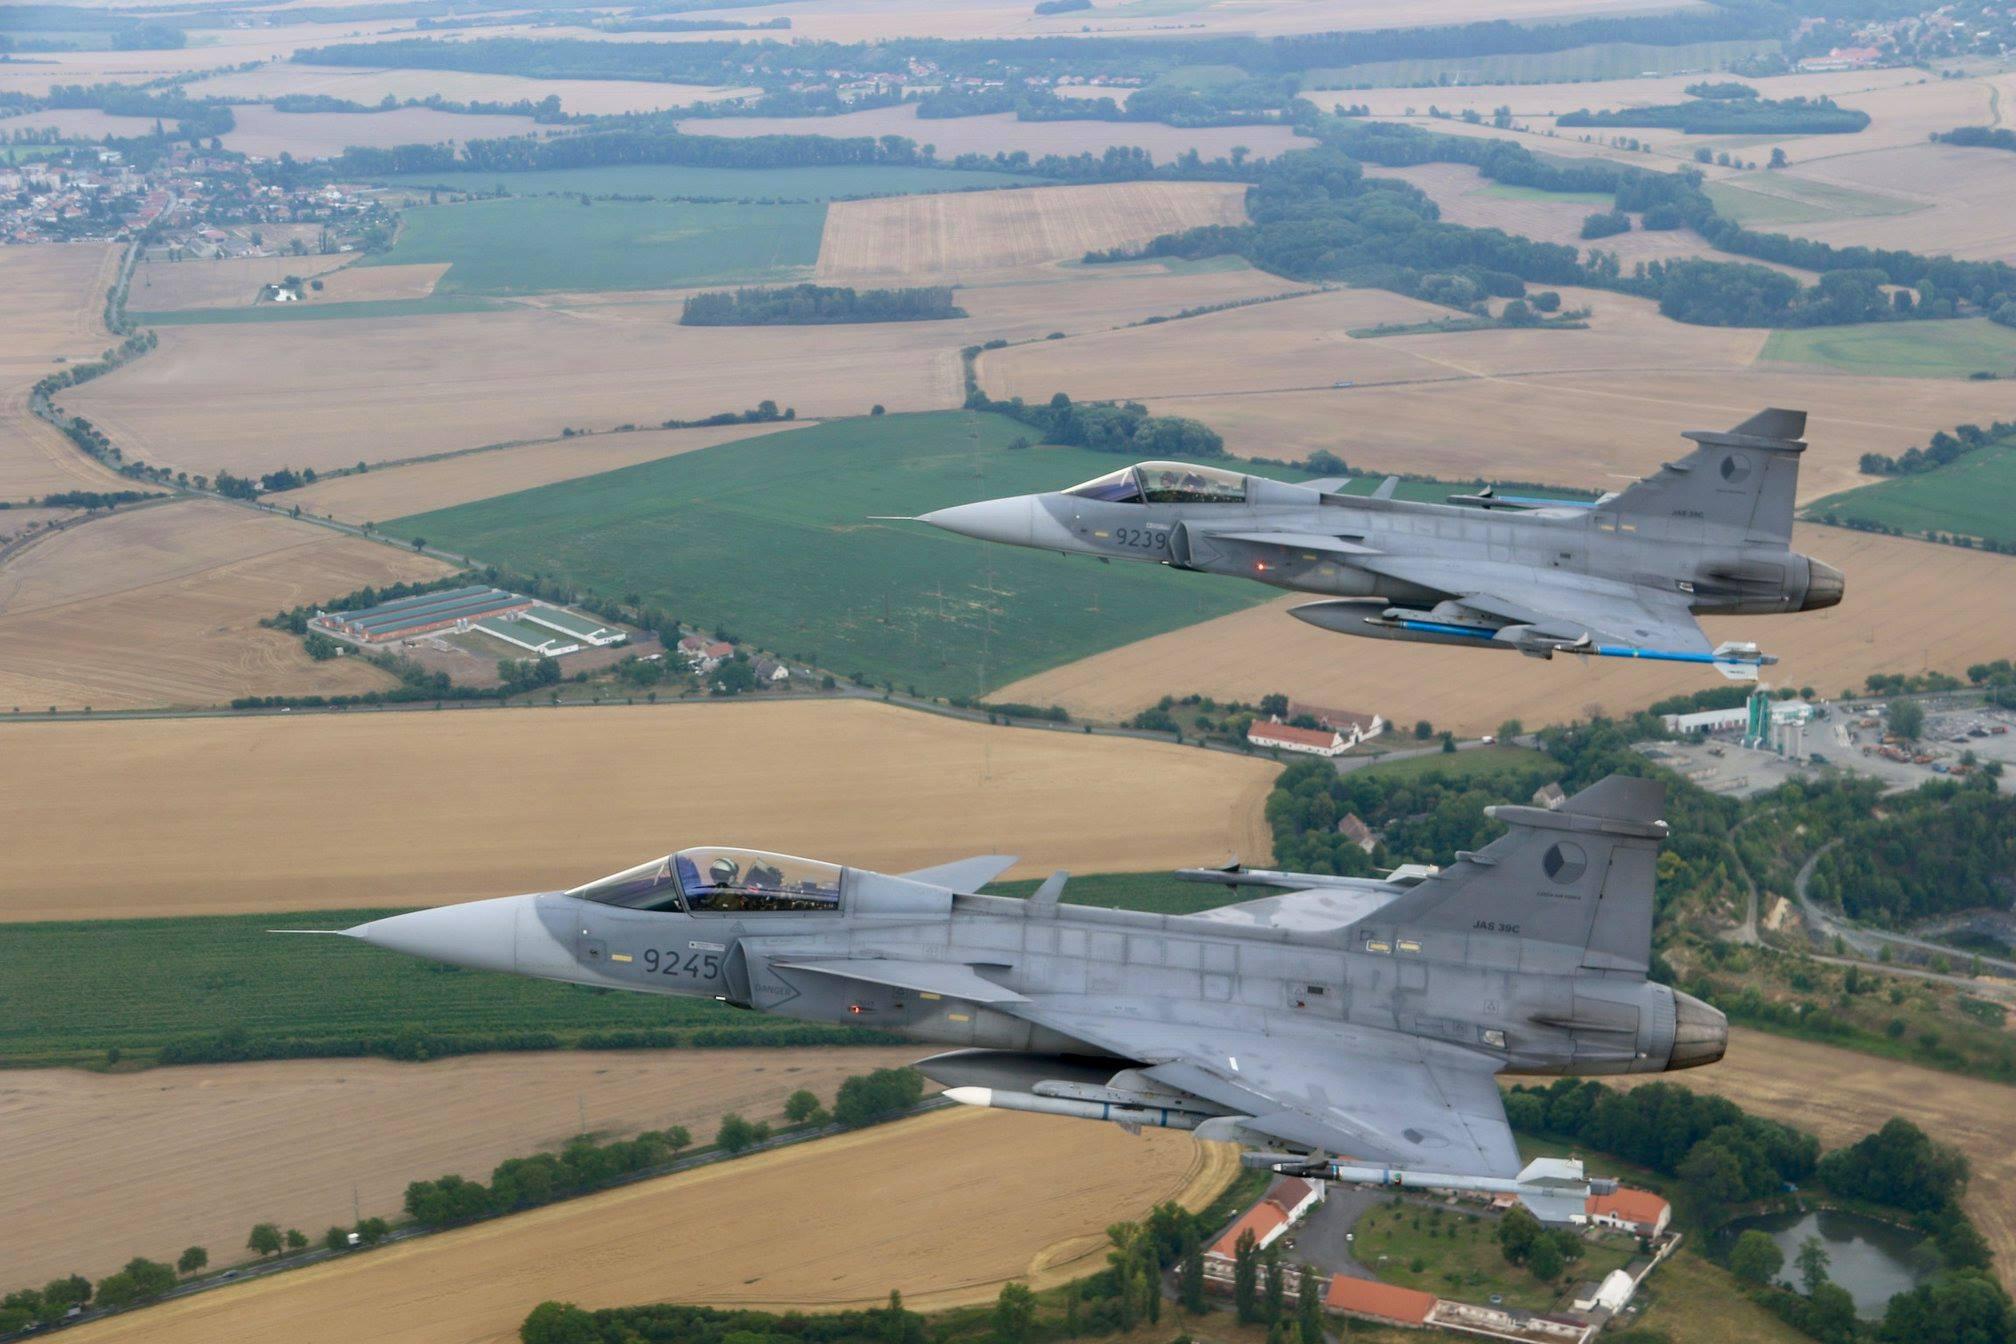 Armée tchèque/Czech Armed Forces - Page 11 37604950_1652998544828809_1385394464998031360_o-jpg